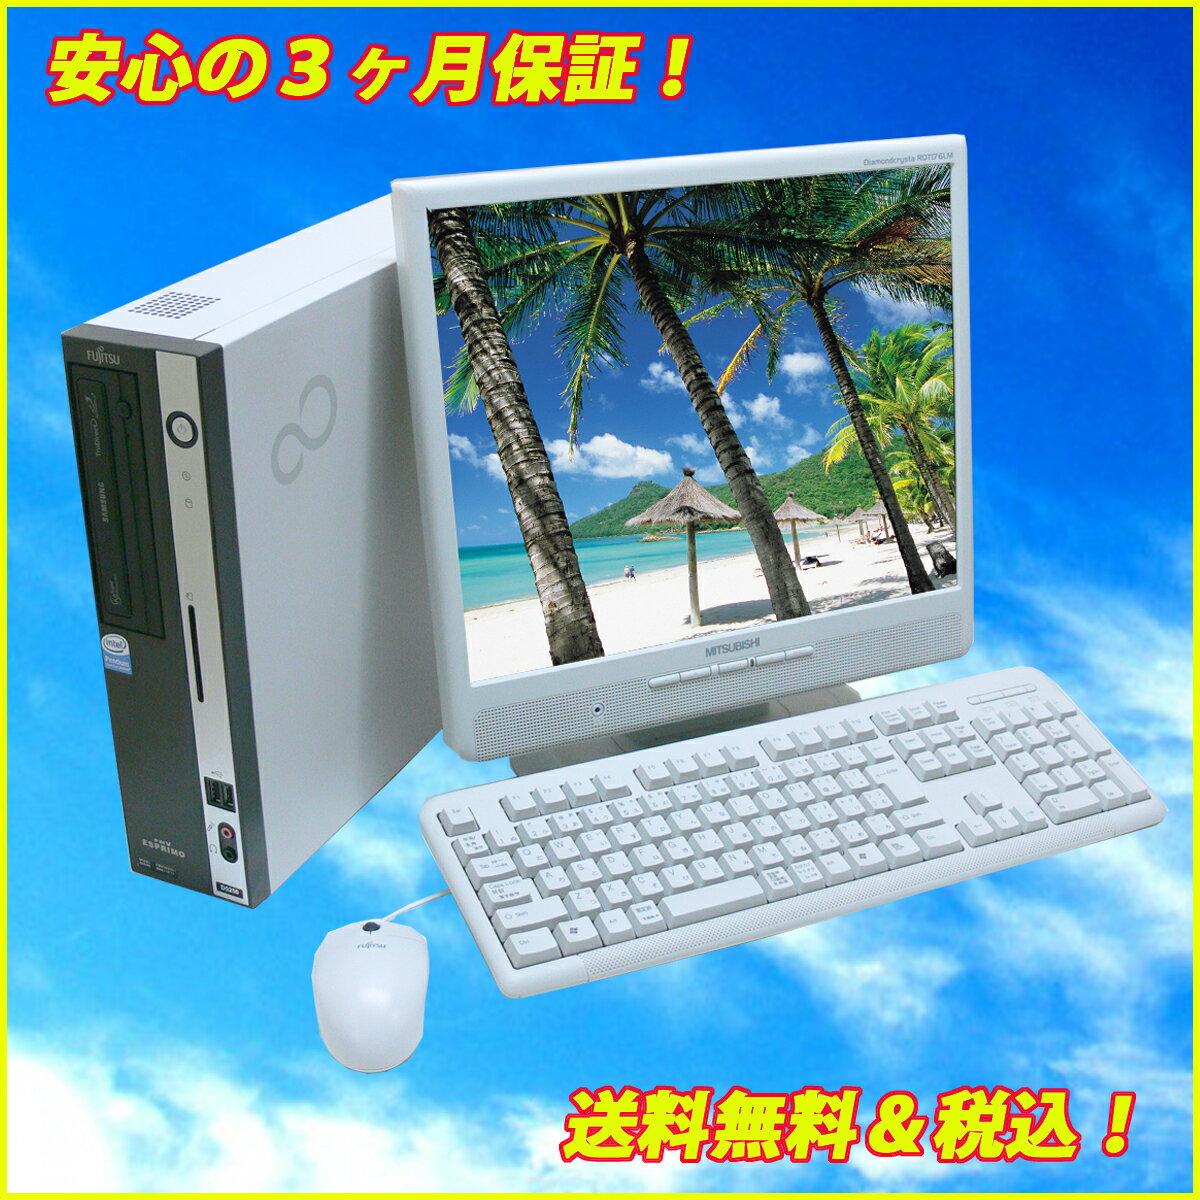 【デュアルコア搭載!】中古パソコン 富士通 FMV-D526017インチ液晶セット【中古】 DVDスーパーマルチ搭載 WindowsXP-Proセットアップ済みWPS Office付き【中古パソコン】◎